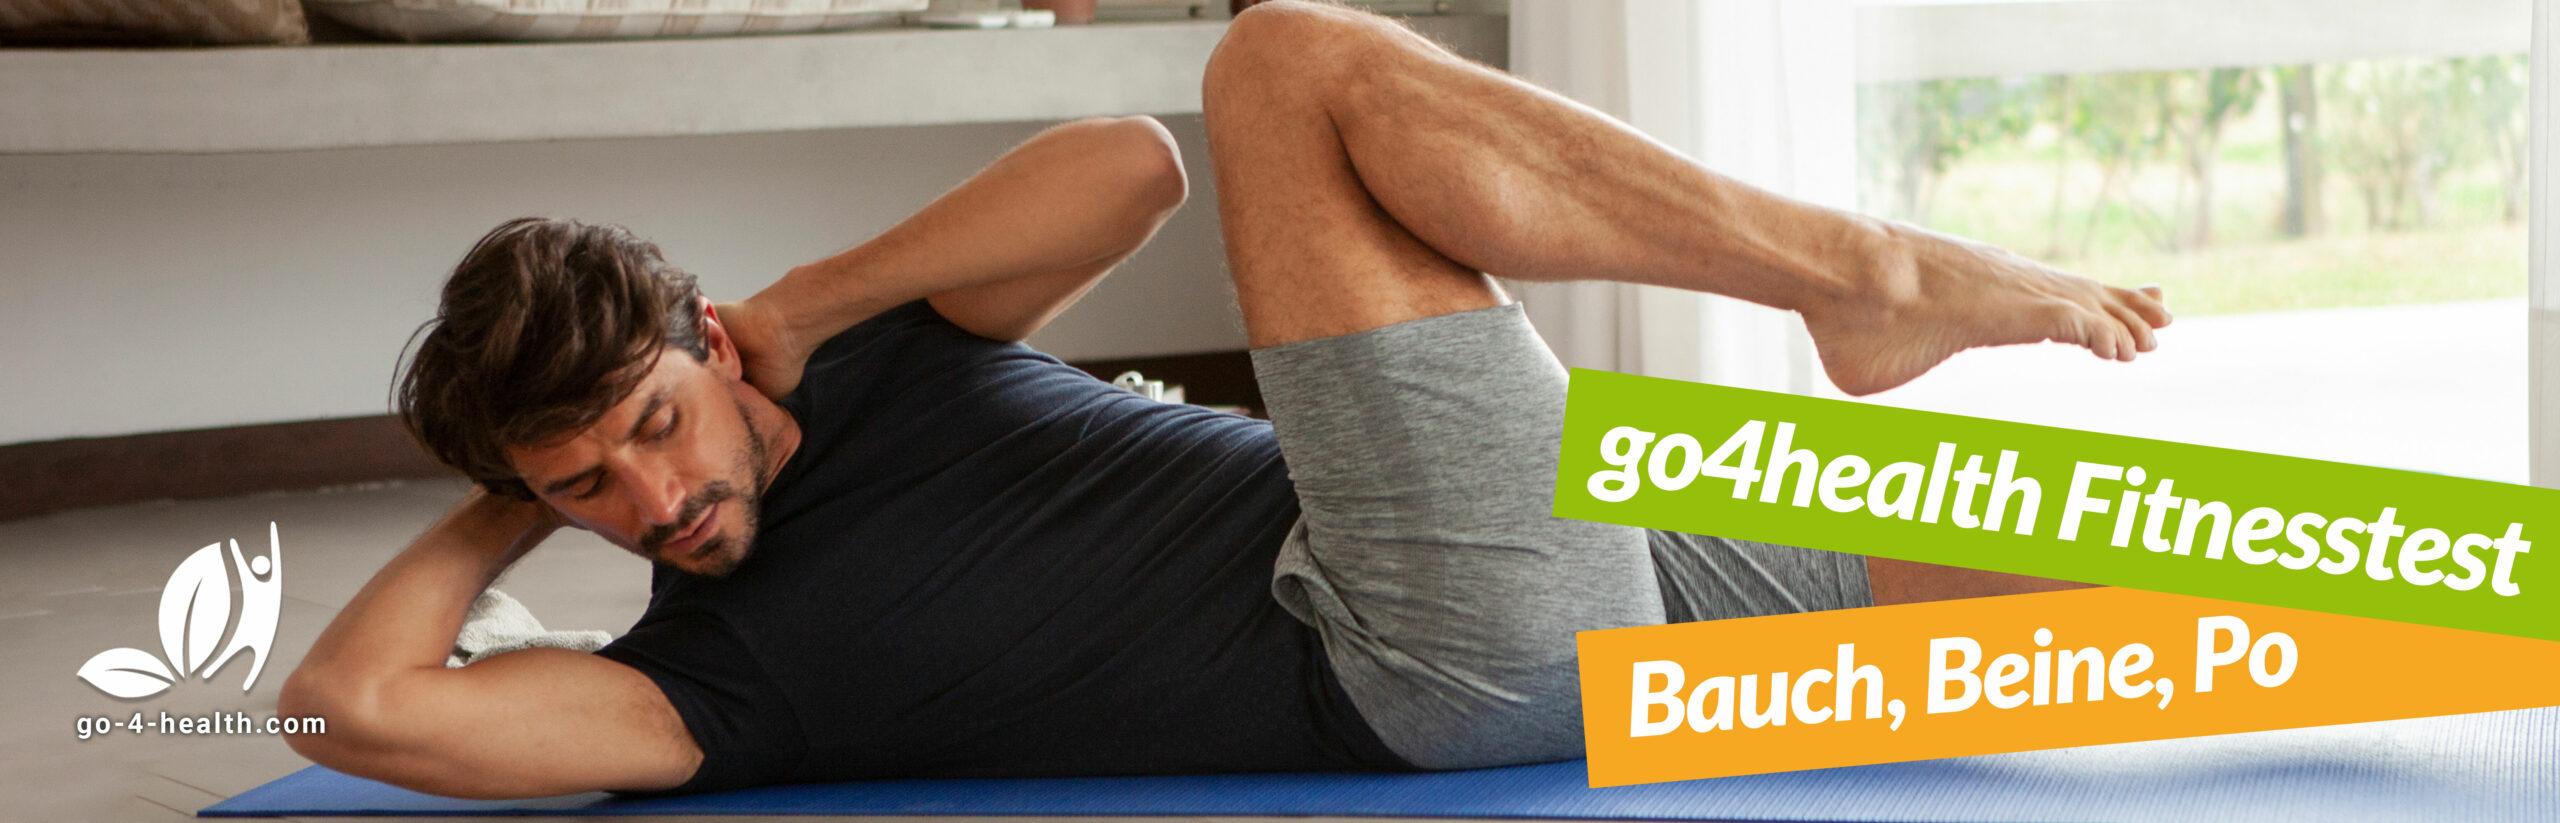 go4health Fitness-Test: Bauch, Beine, Po